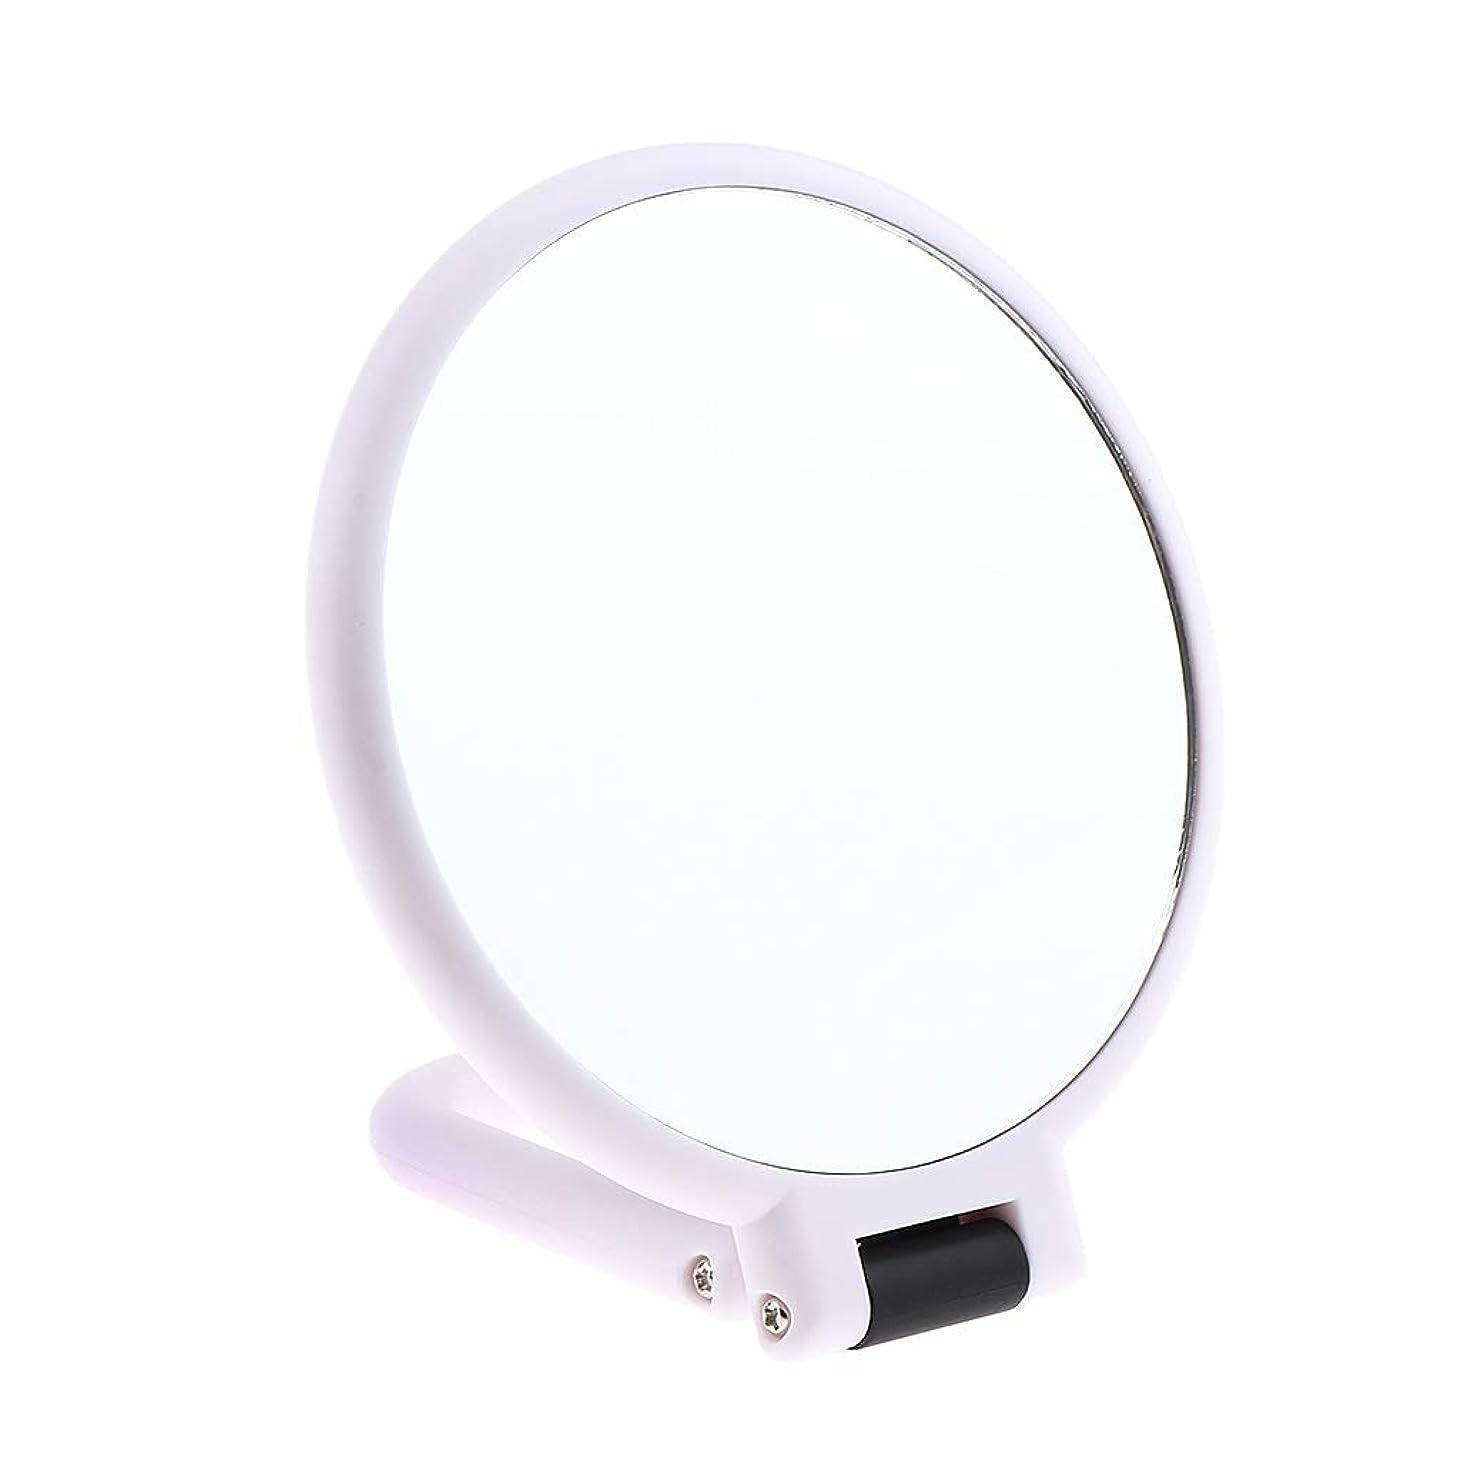 呼びかけるワーカー線形B Blesiya 両面化粧鏡 拡大鏡 ラウンド メイクアップミラー お化粧 ホワイト 5仕様選べ - 5倍